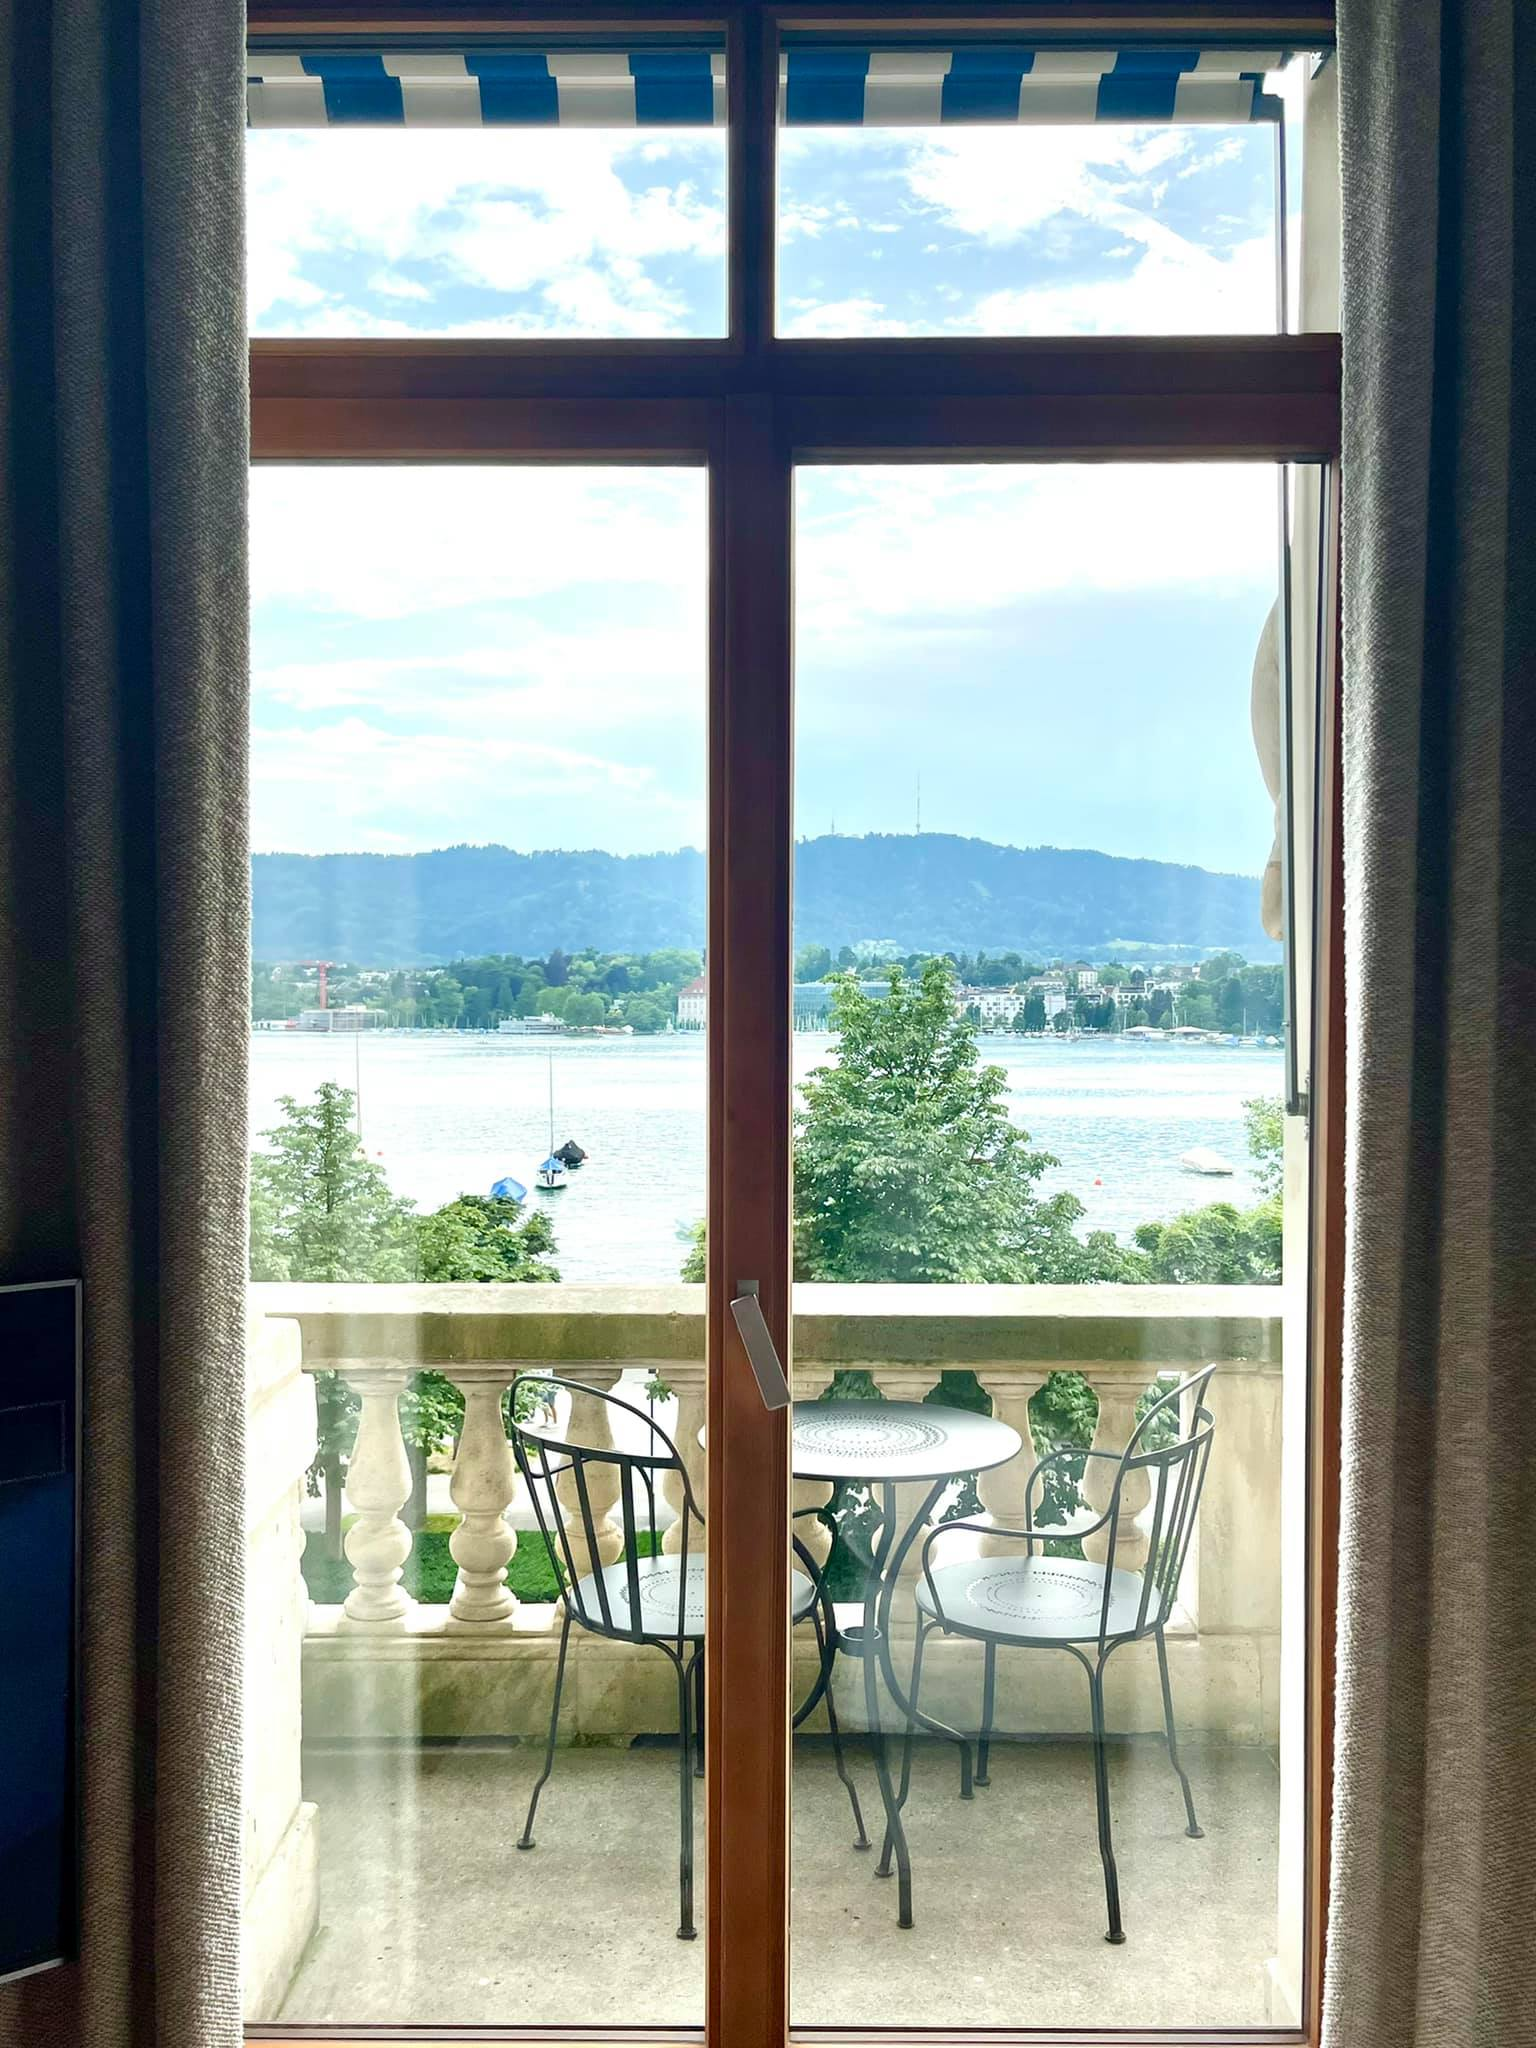 Bedroom at Hotel La Réserve Eden Au Lac Zurich